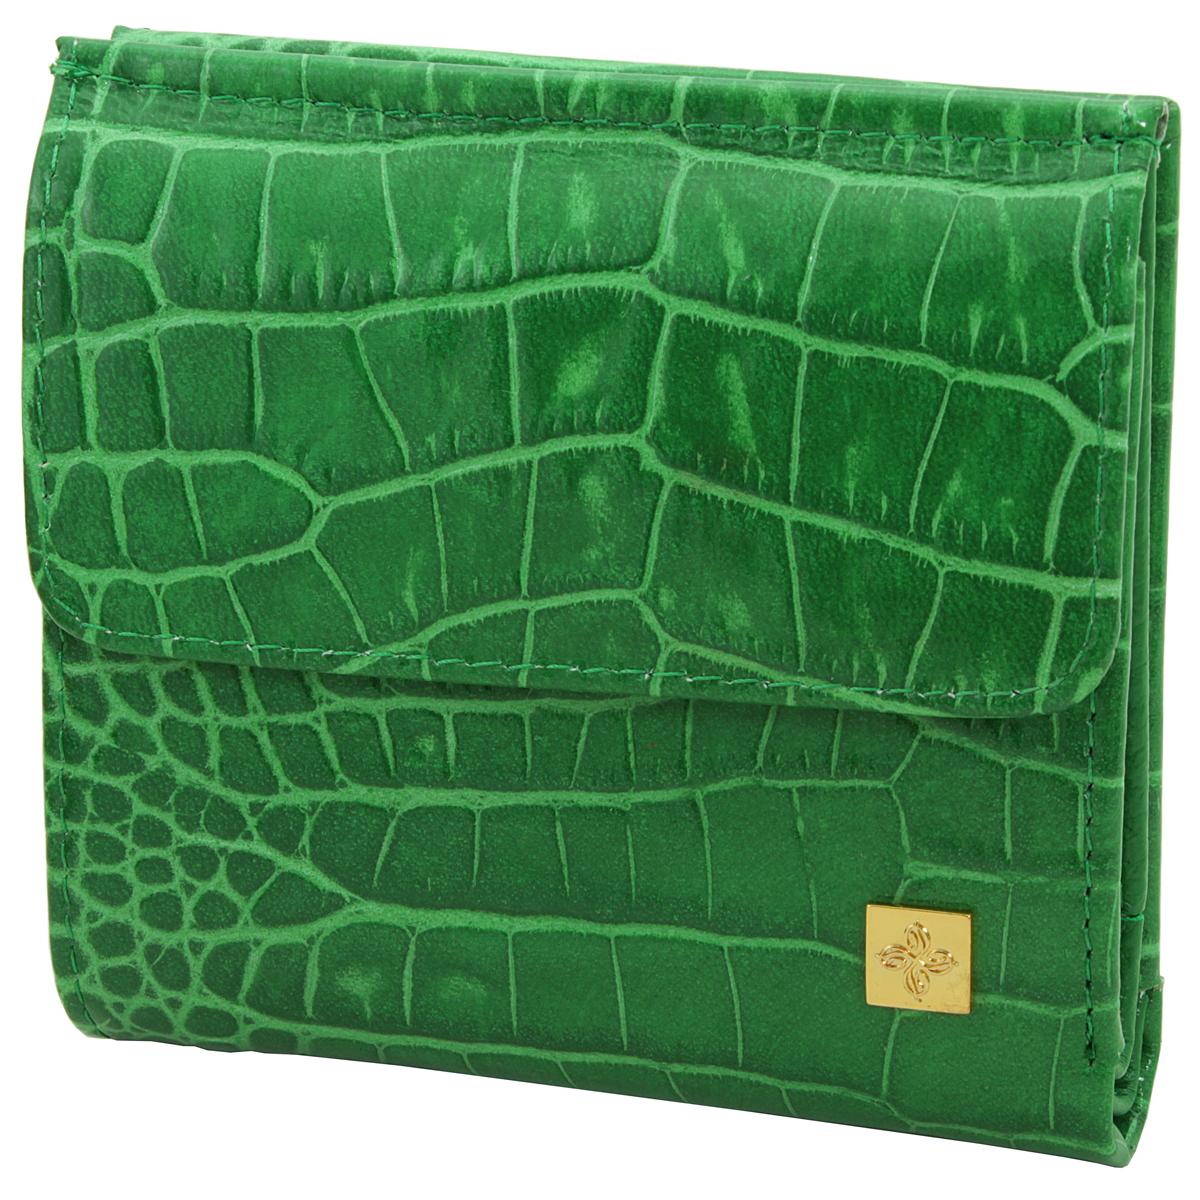 Кошелек женский Dimanche Казино, цвет: зеленый. 983W16-11128_323Женский компактный кошелек Казино выполнен из натуральной высококачественной кожи с декоративным тиснением под крокодила.Снаружи - объемный карман для мелочи, закрывается на кнопку. Внутри располагаются один карман для купюр с потайным отделением на молнии и карман для бумаг и небольших документов, также имеются два отделения для кредиток, кармашек для sim-карты, два смежных вертикальных кармана для небольших бумаг и карман с прозрачной стенкой. Кошелек упакован в фирменную картонную коробку. Характеристики:Материал: натуральная кожа, текстиль, металл. Размер кошелька: 10 см х 10 см х 3 см. Цвет: зеленый.